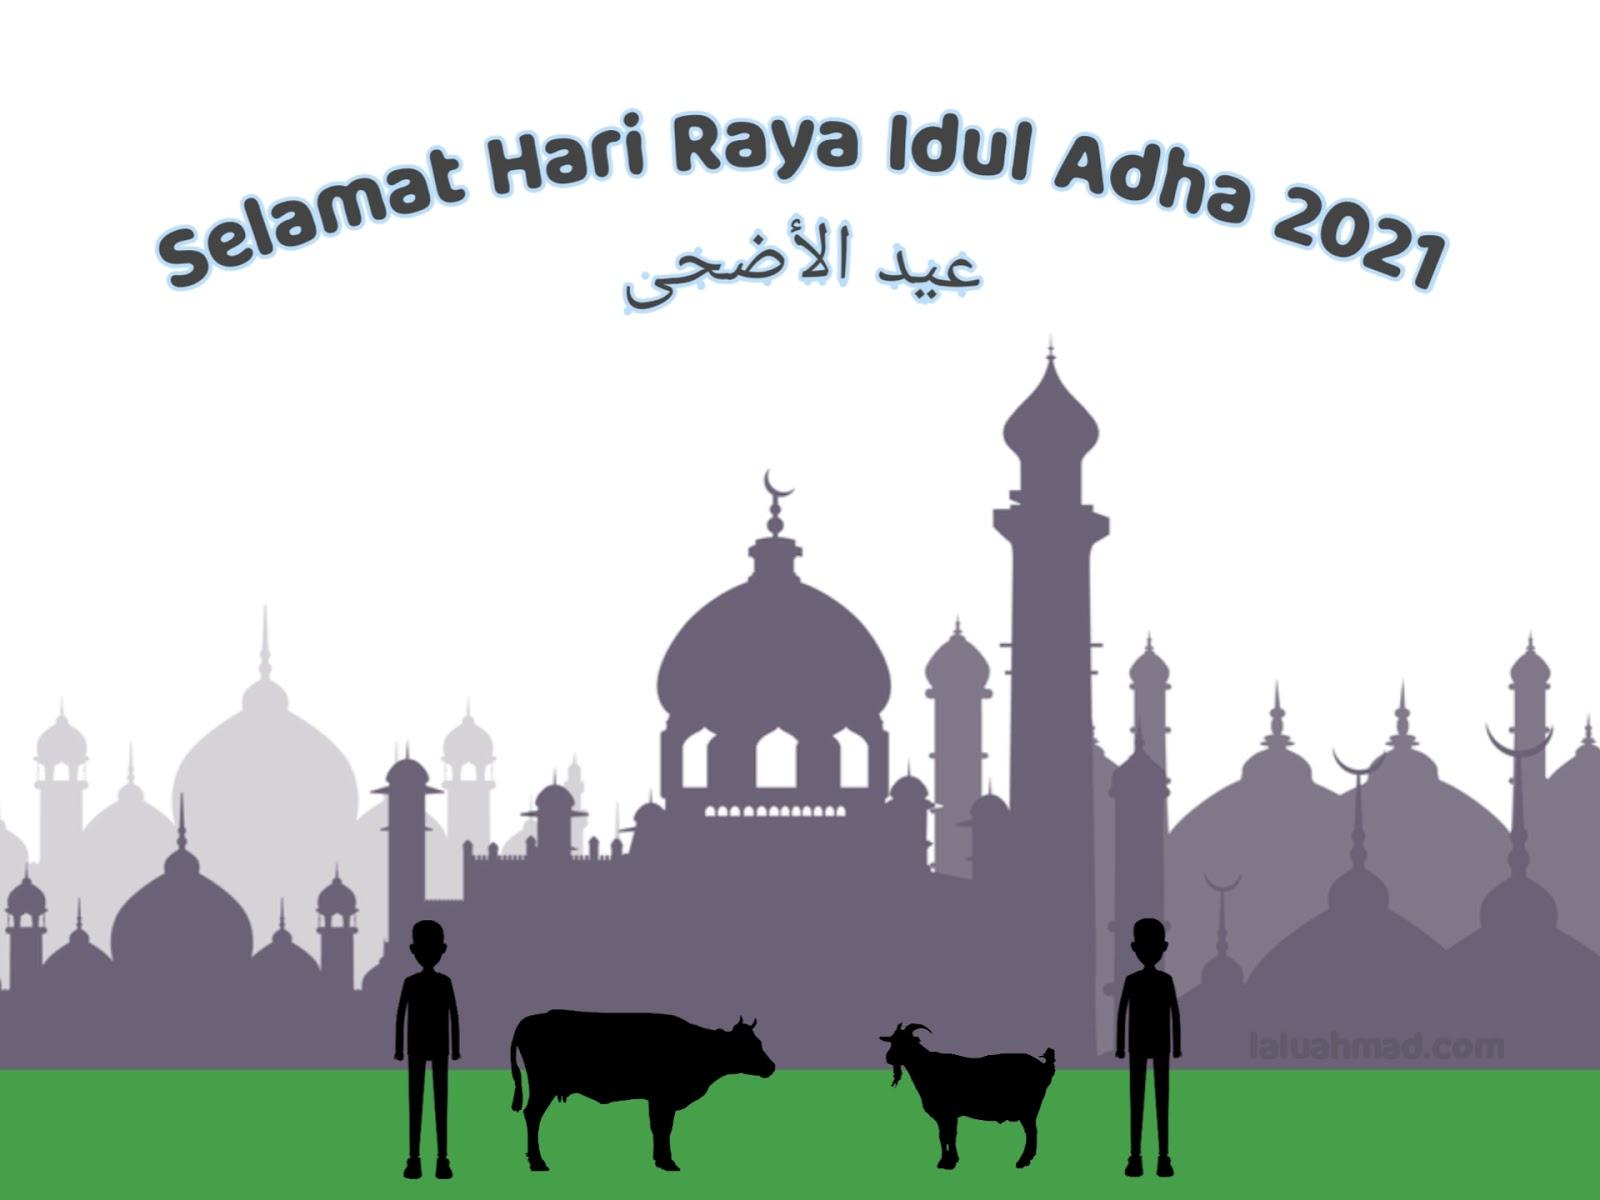 Gambar, Ucapan Selamat Hari Raya Idul Adha 2021